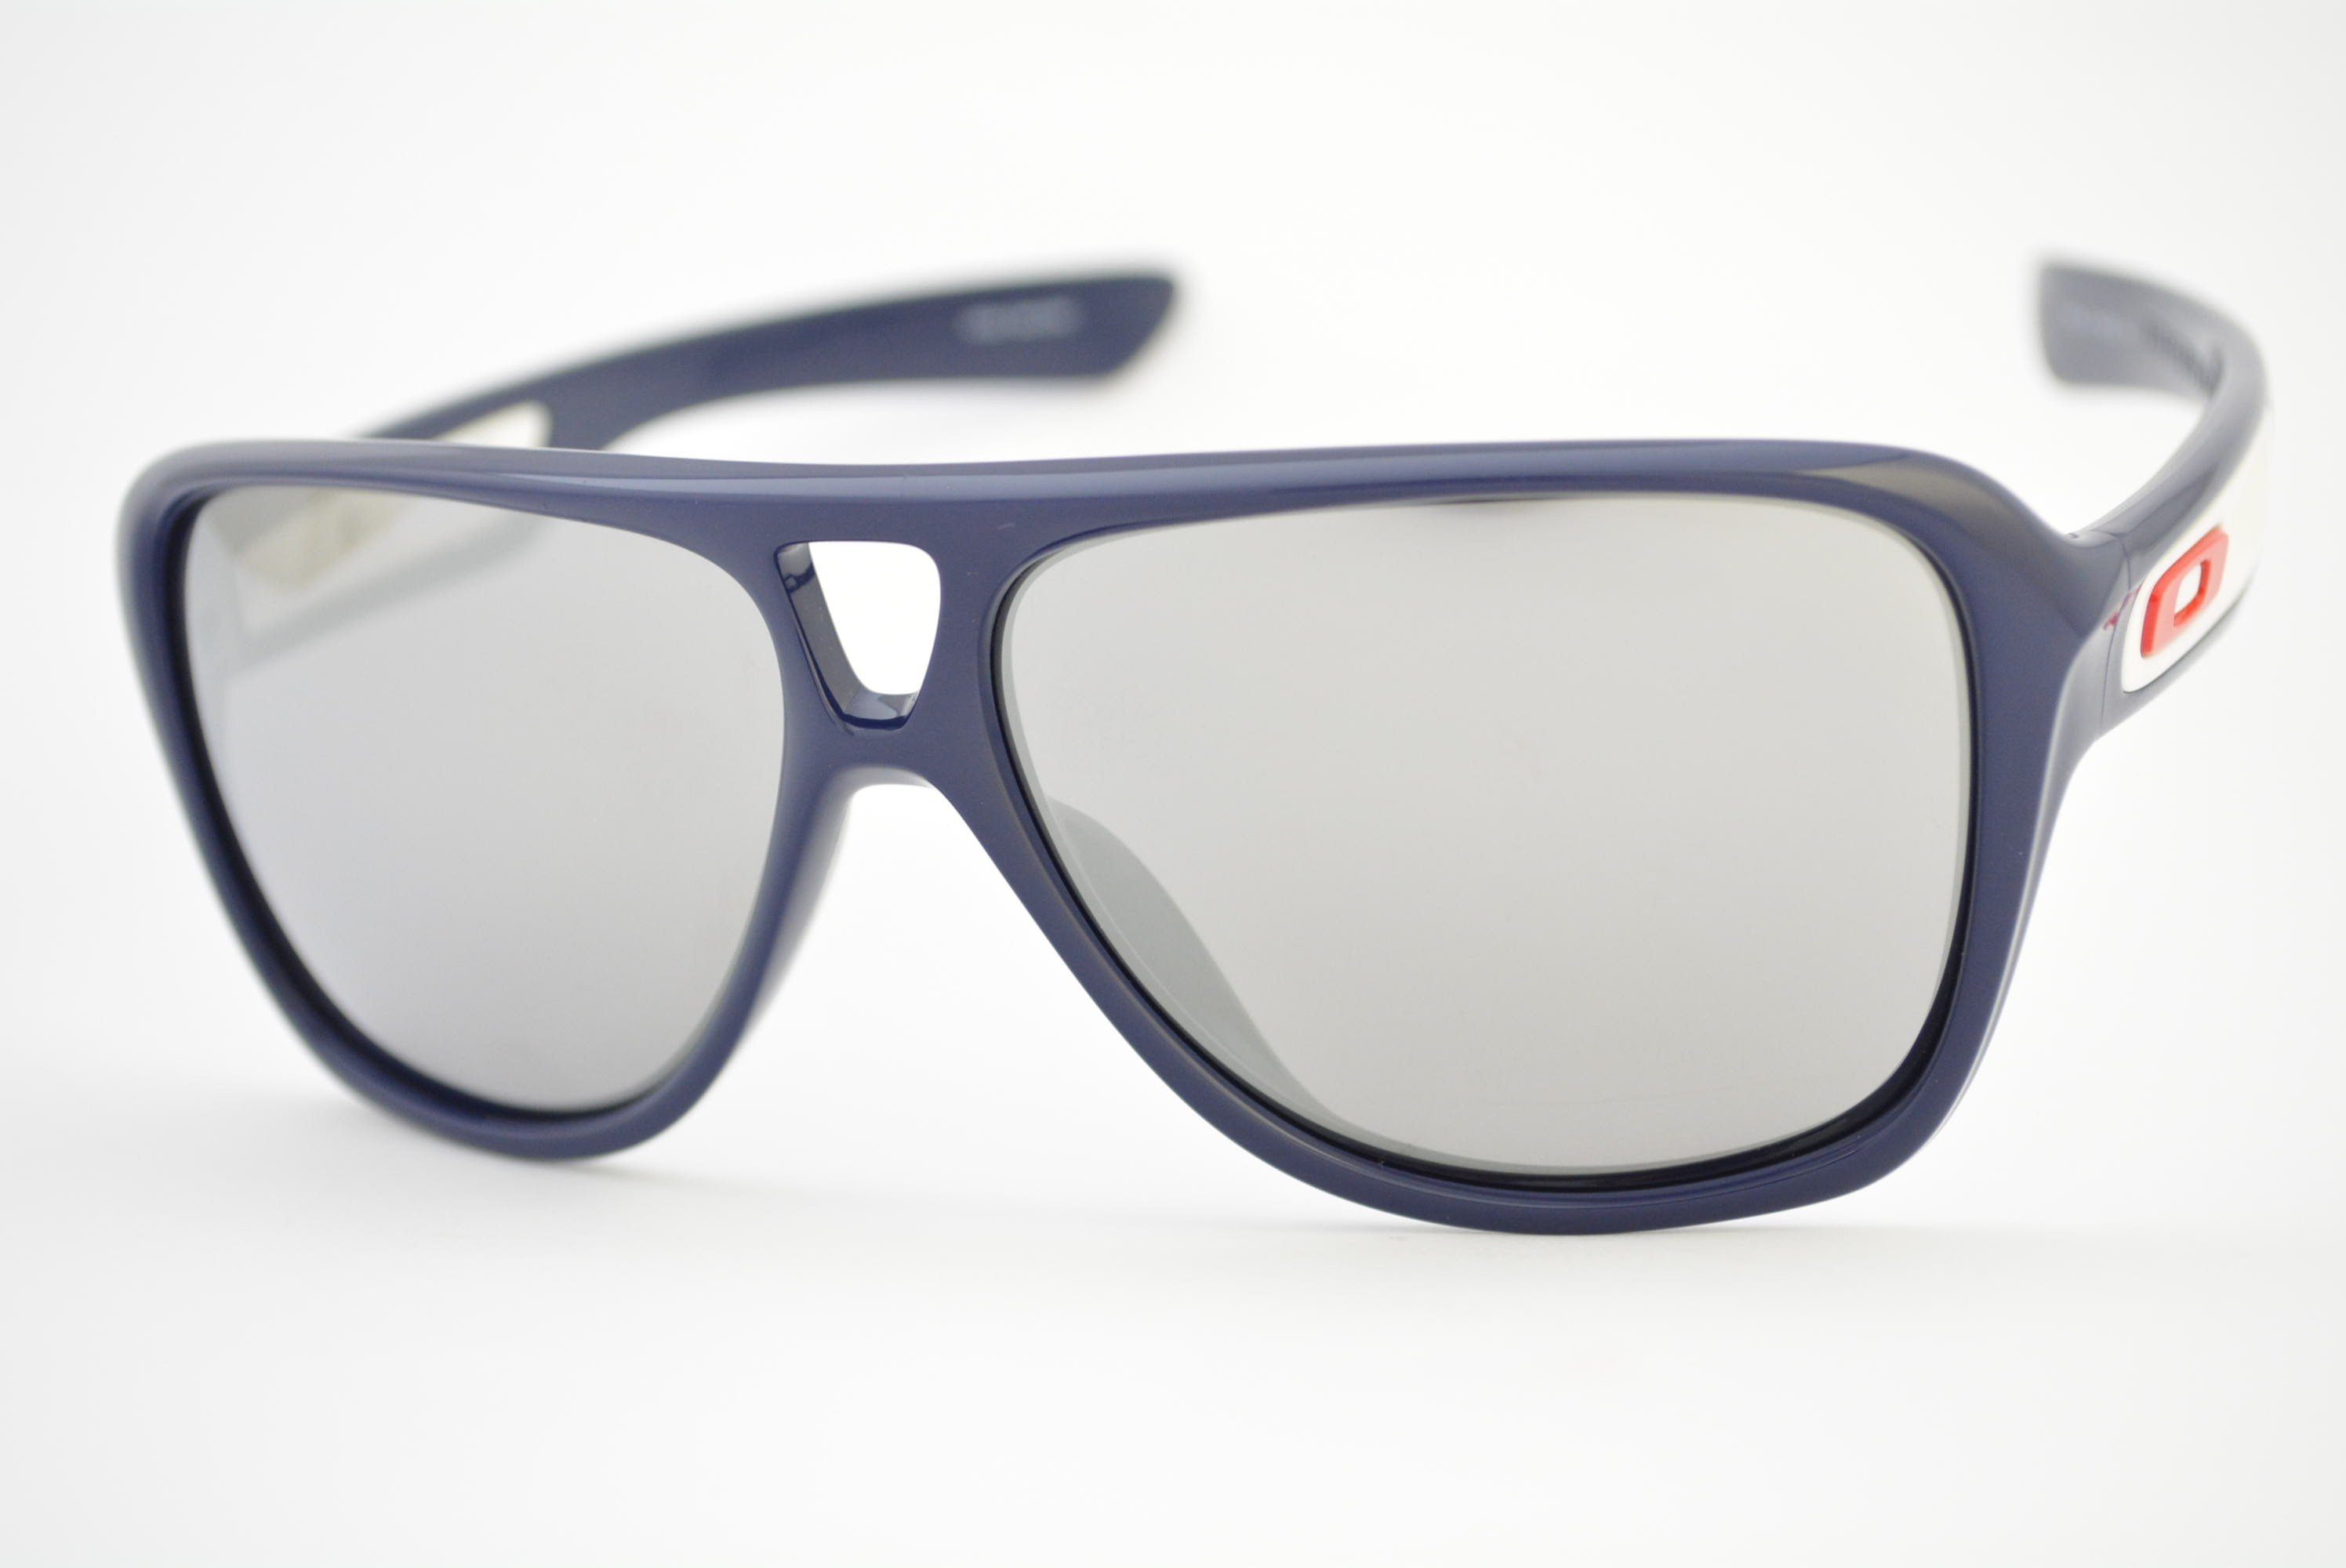 fc41c18df8fa4 óculos de sol Oakley mod Dispatch II polished navy w chrome iridium  009150-02